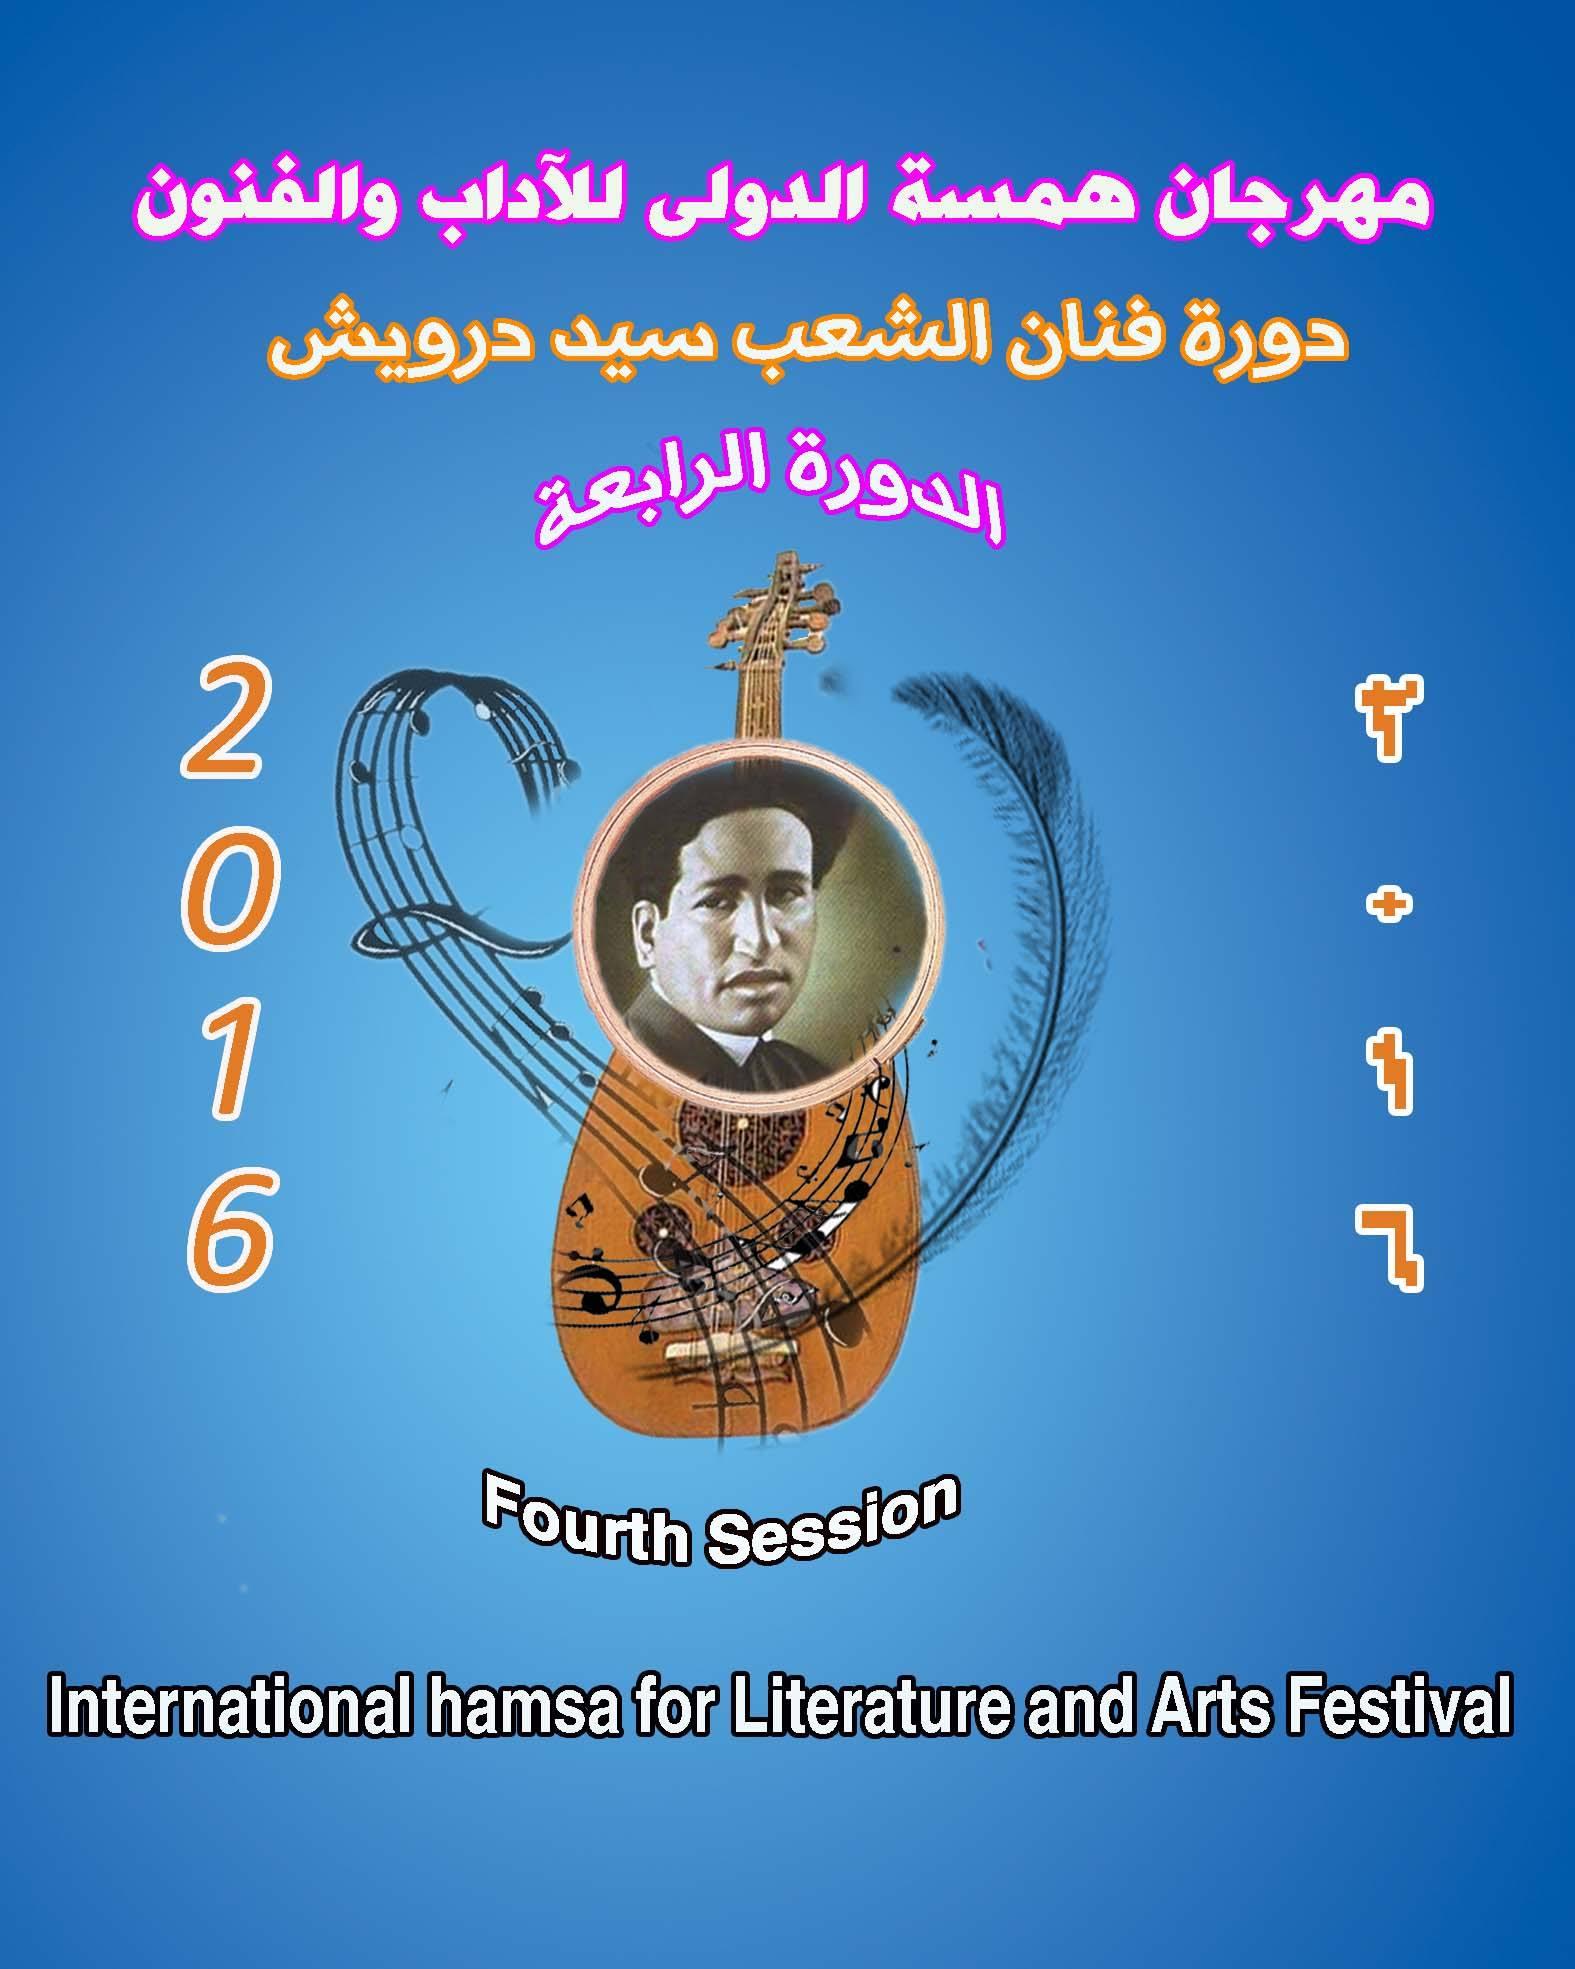 أسماء الفائزين فى الشعر العامى لمسابقة همسة 2016 بالدرجات